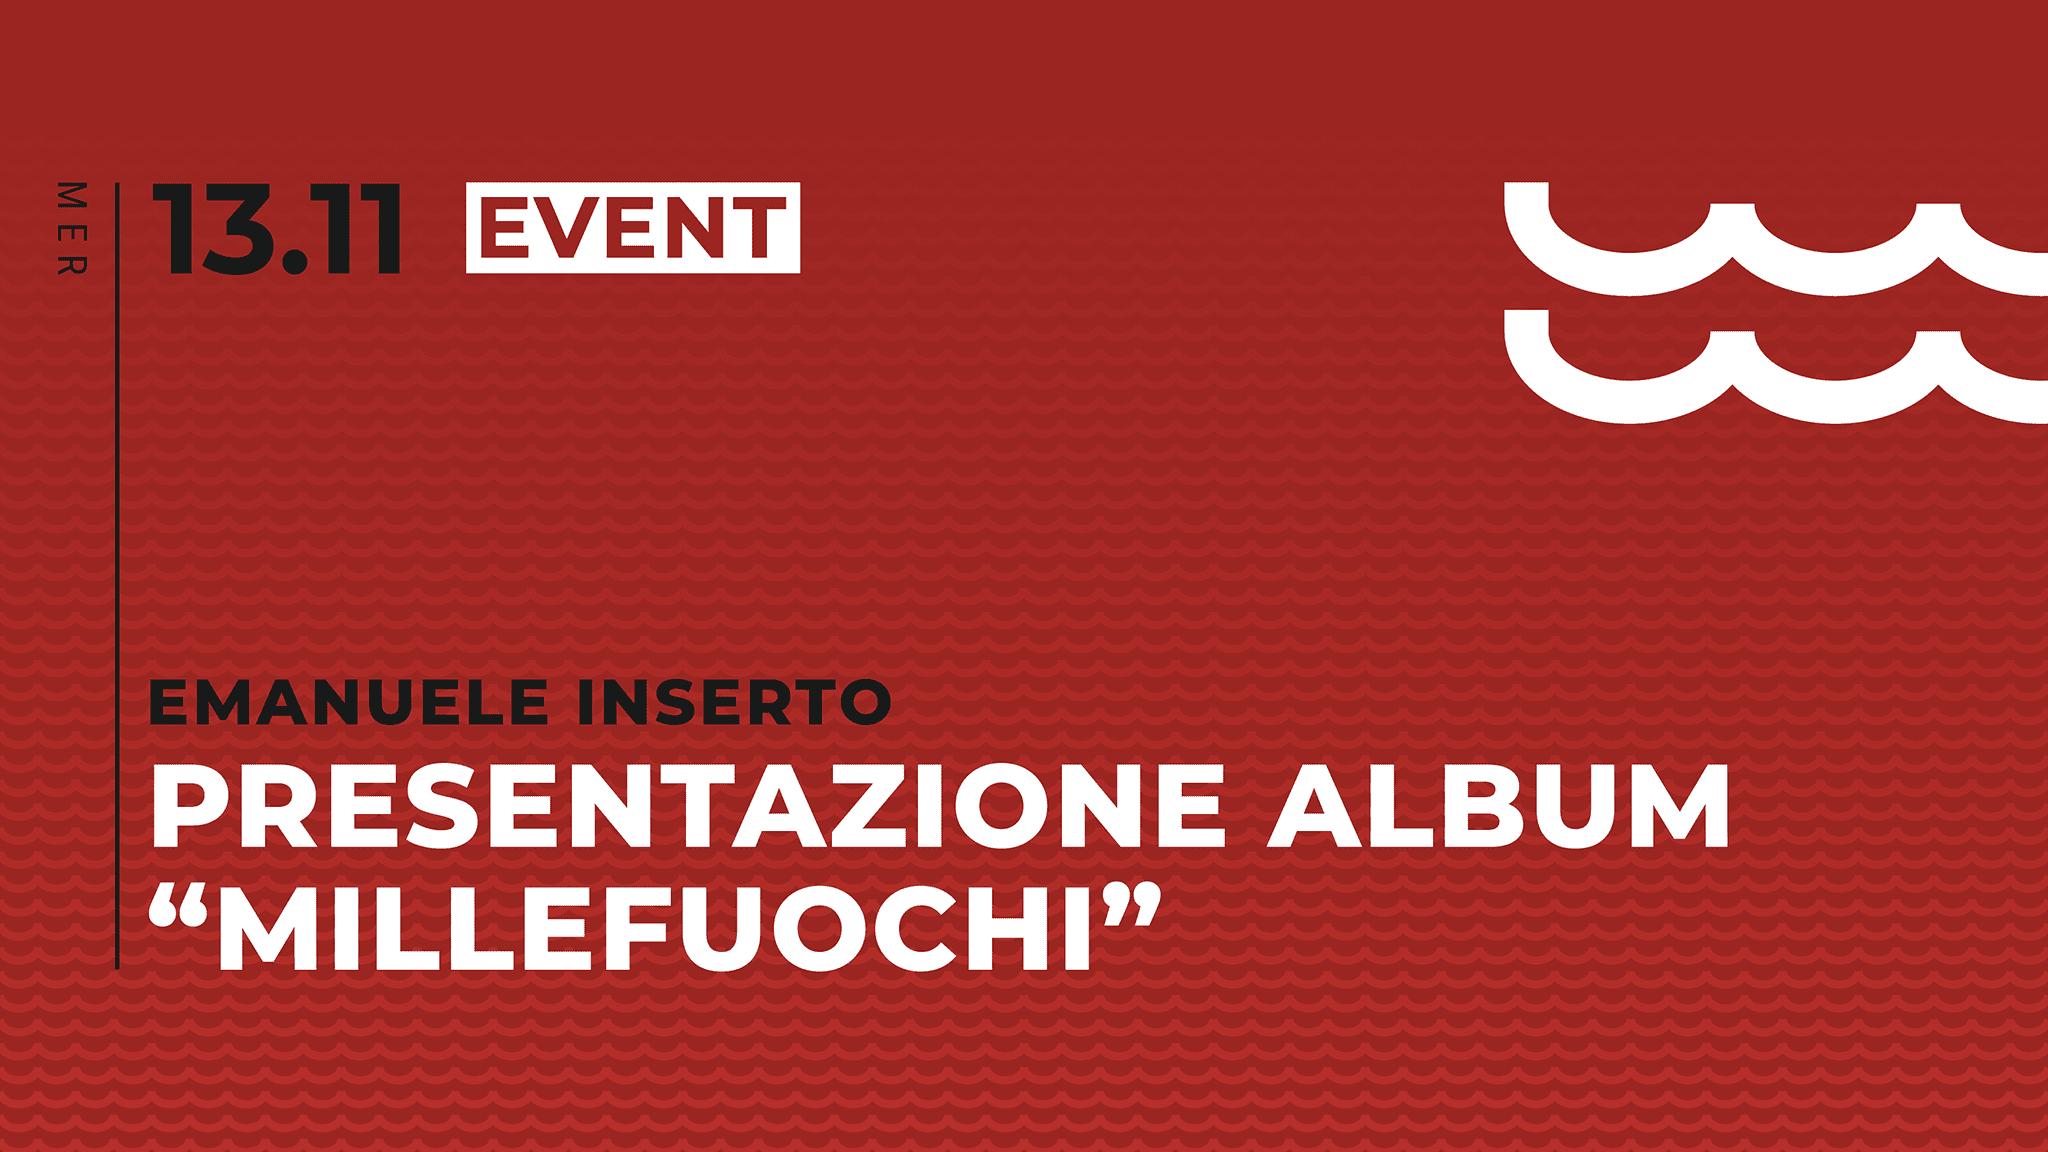 13 Novembre - Emanuele Inserto - Millefuochi